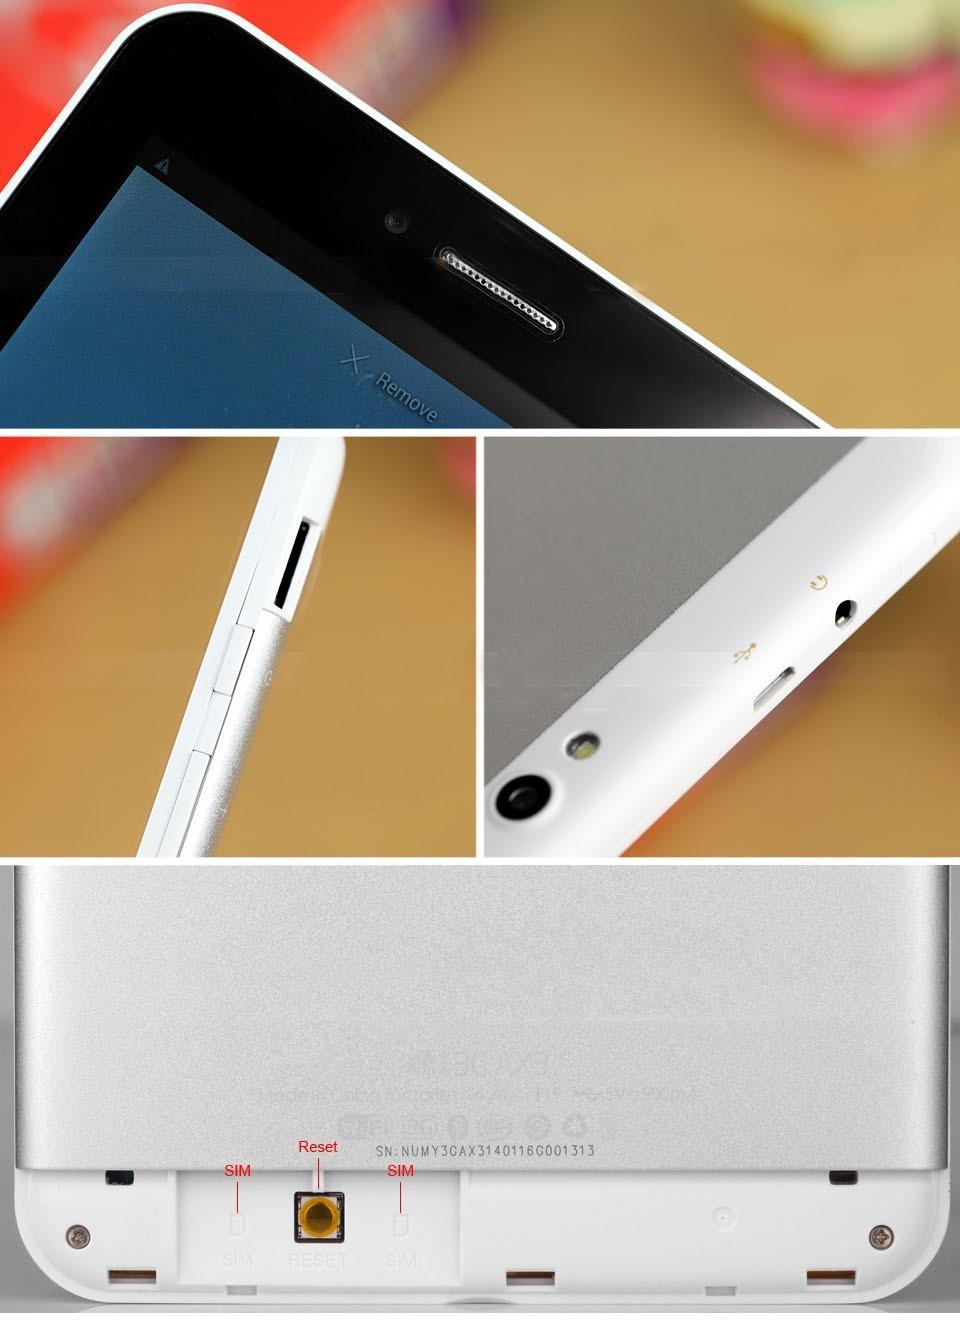 Планшетный ПК 1 3G GPS Bluetooth tablet pc Ainol AX3 Numy Android 4.2.2 MTK8382 1,2